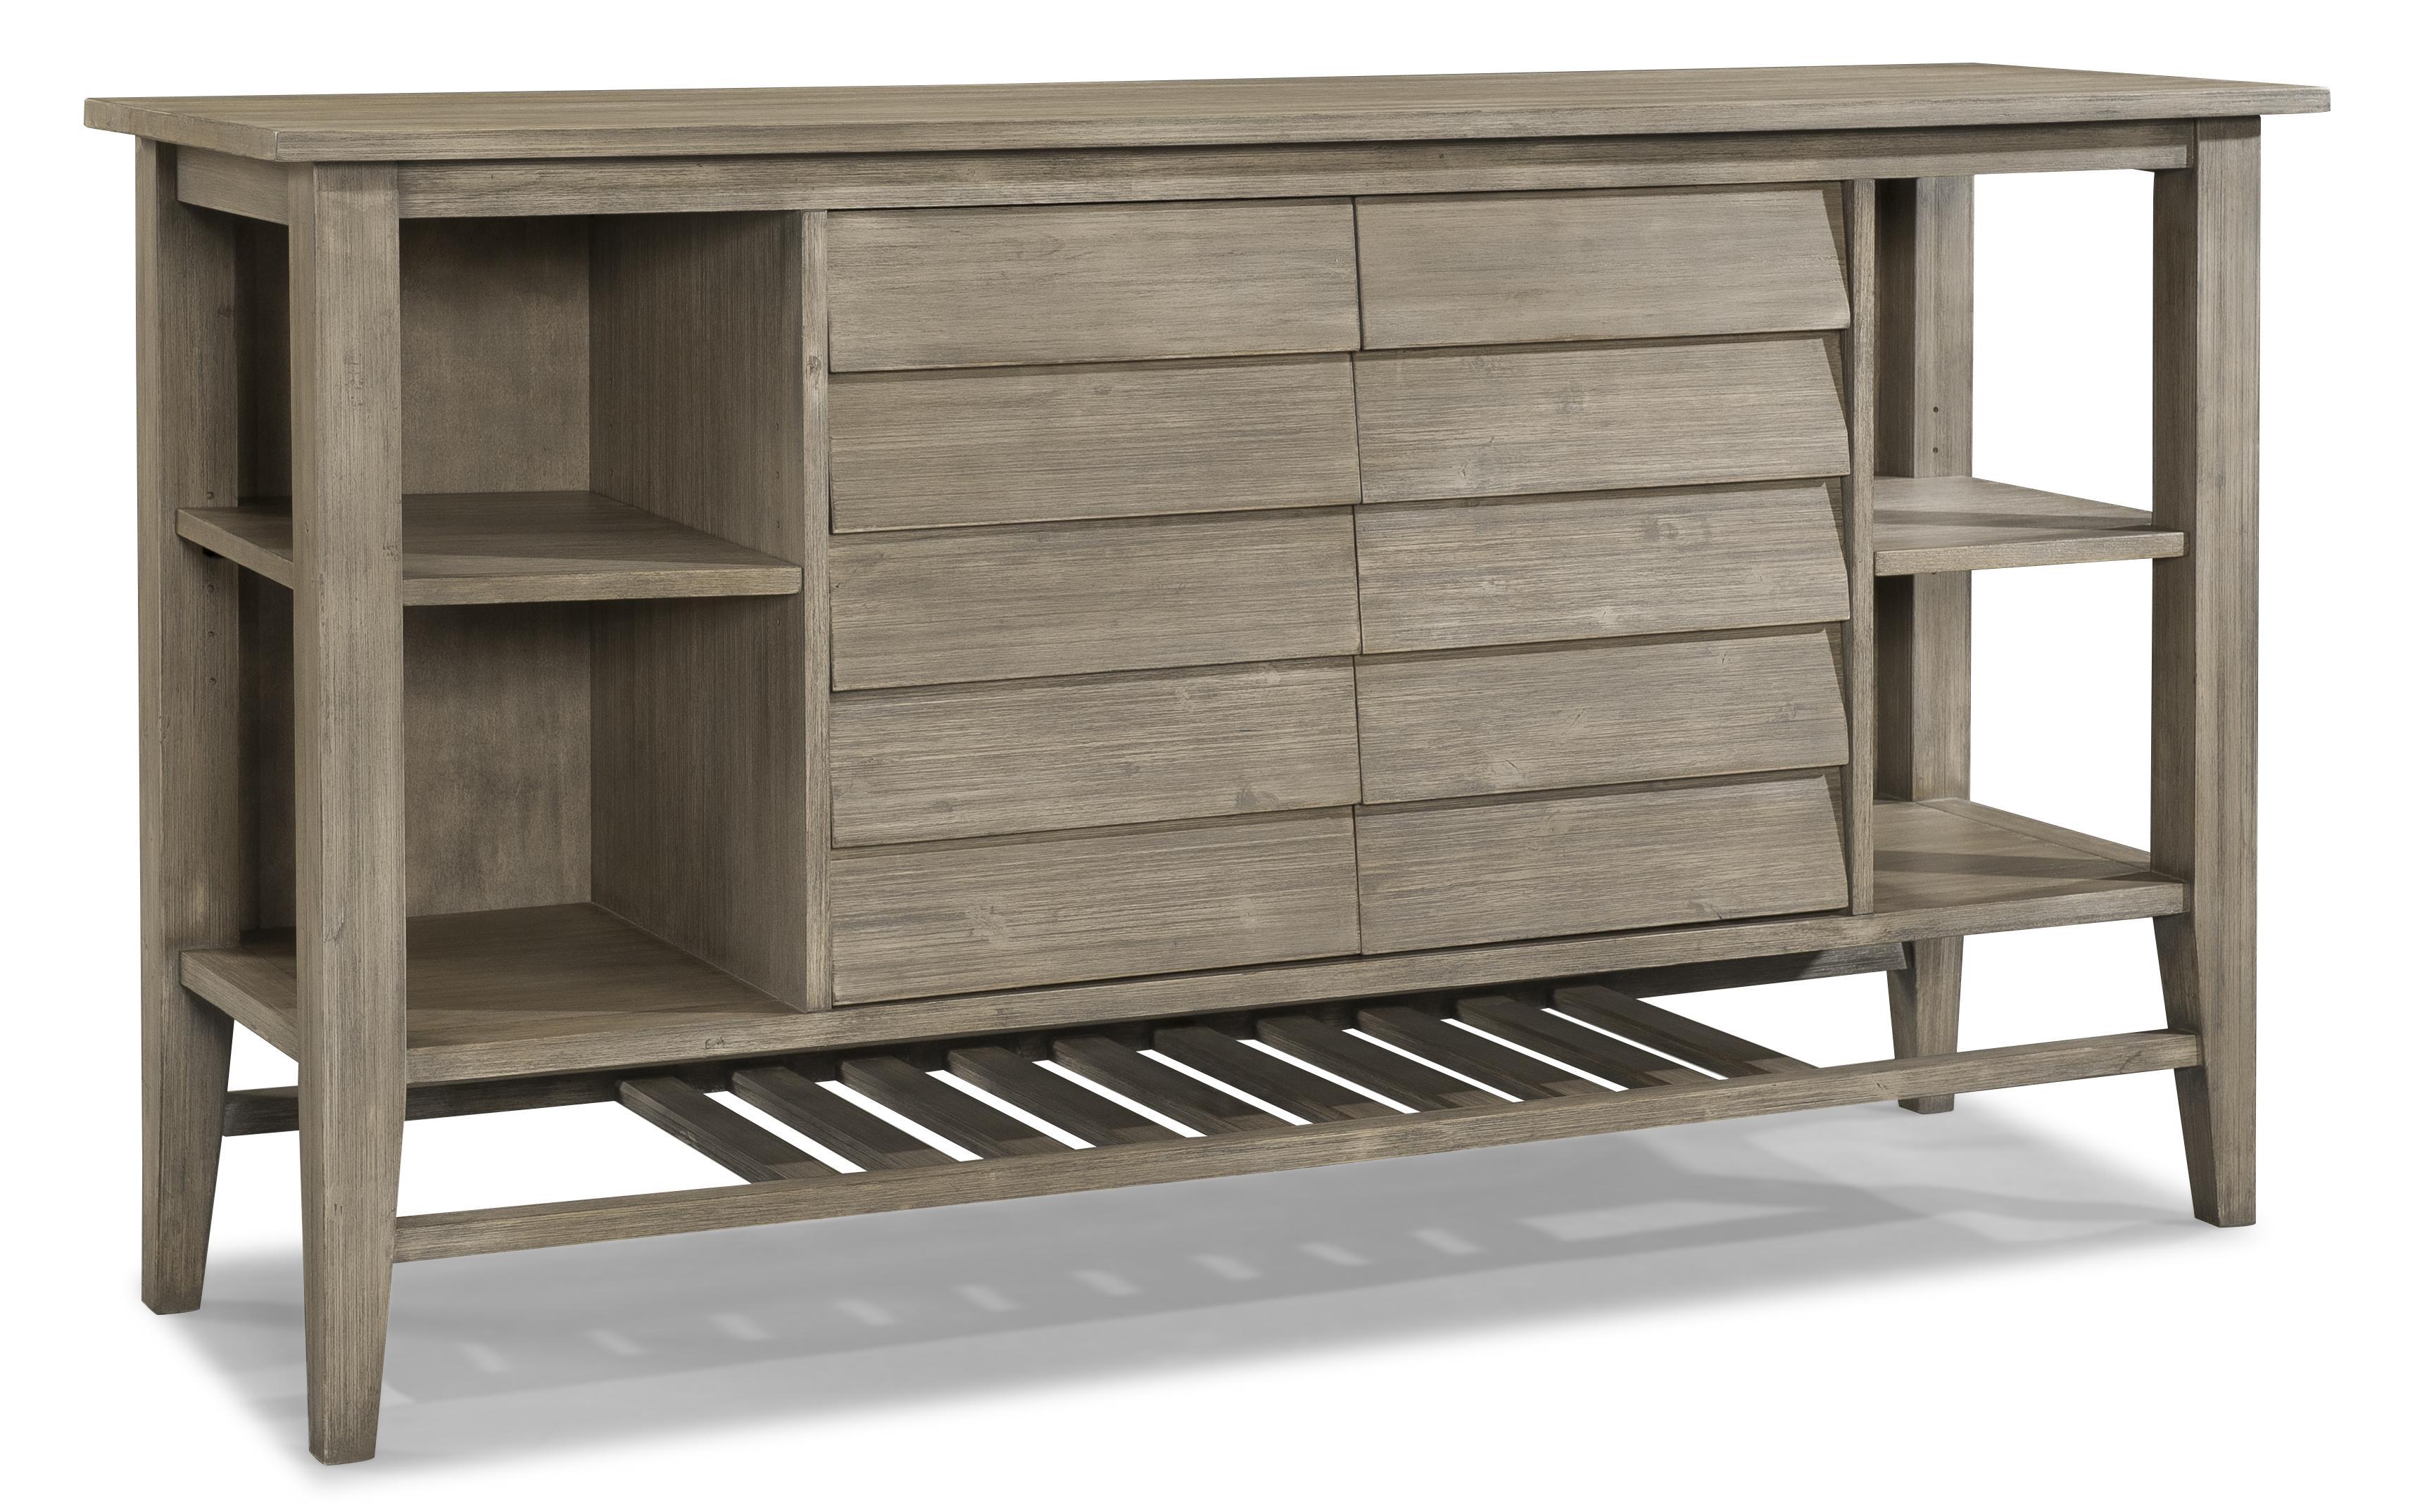 Cresent Fine Furniture Corliss Landing Two Door Sideboard - Item Number: 5652